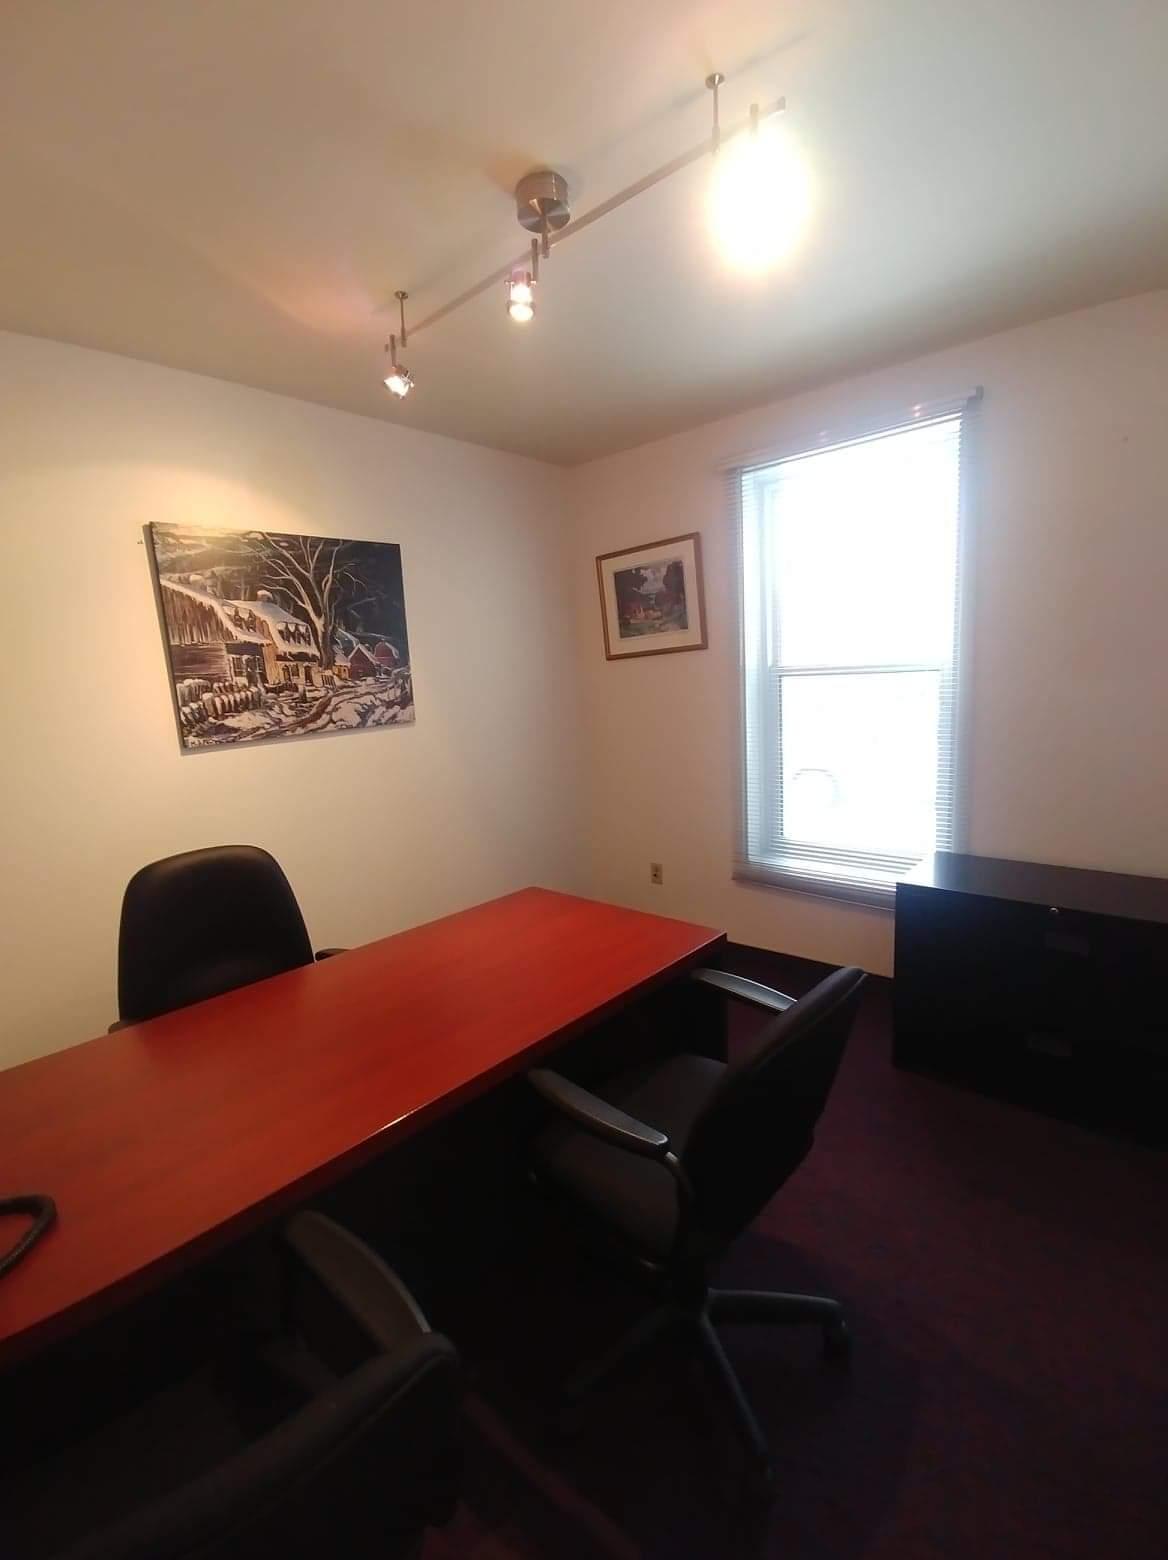 Photo 2 : Espace de bureau pour professionnel, Tout inclus, Emplacement de choix